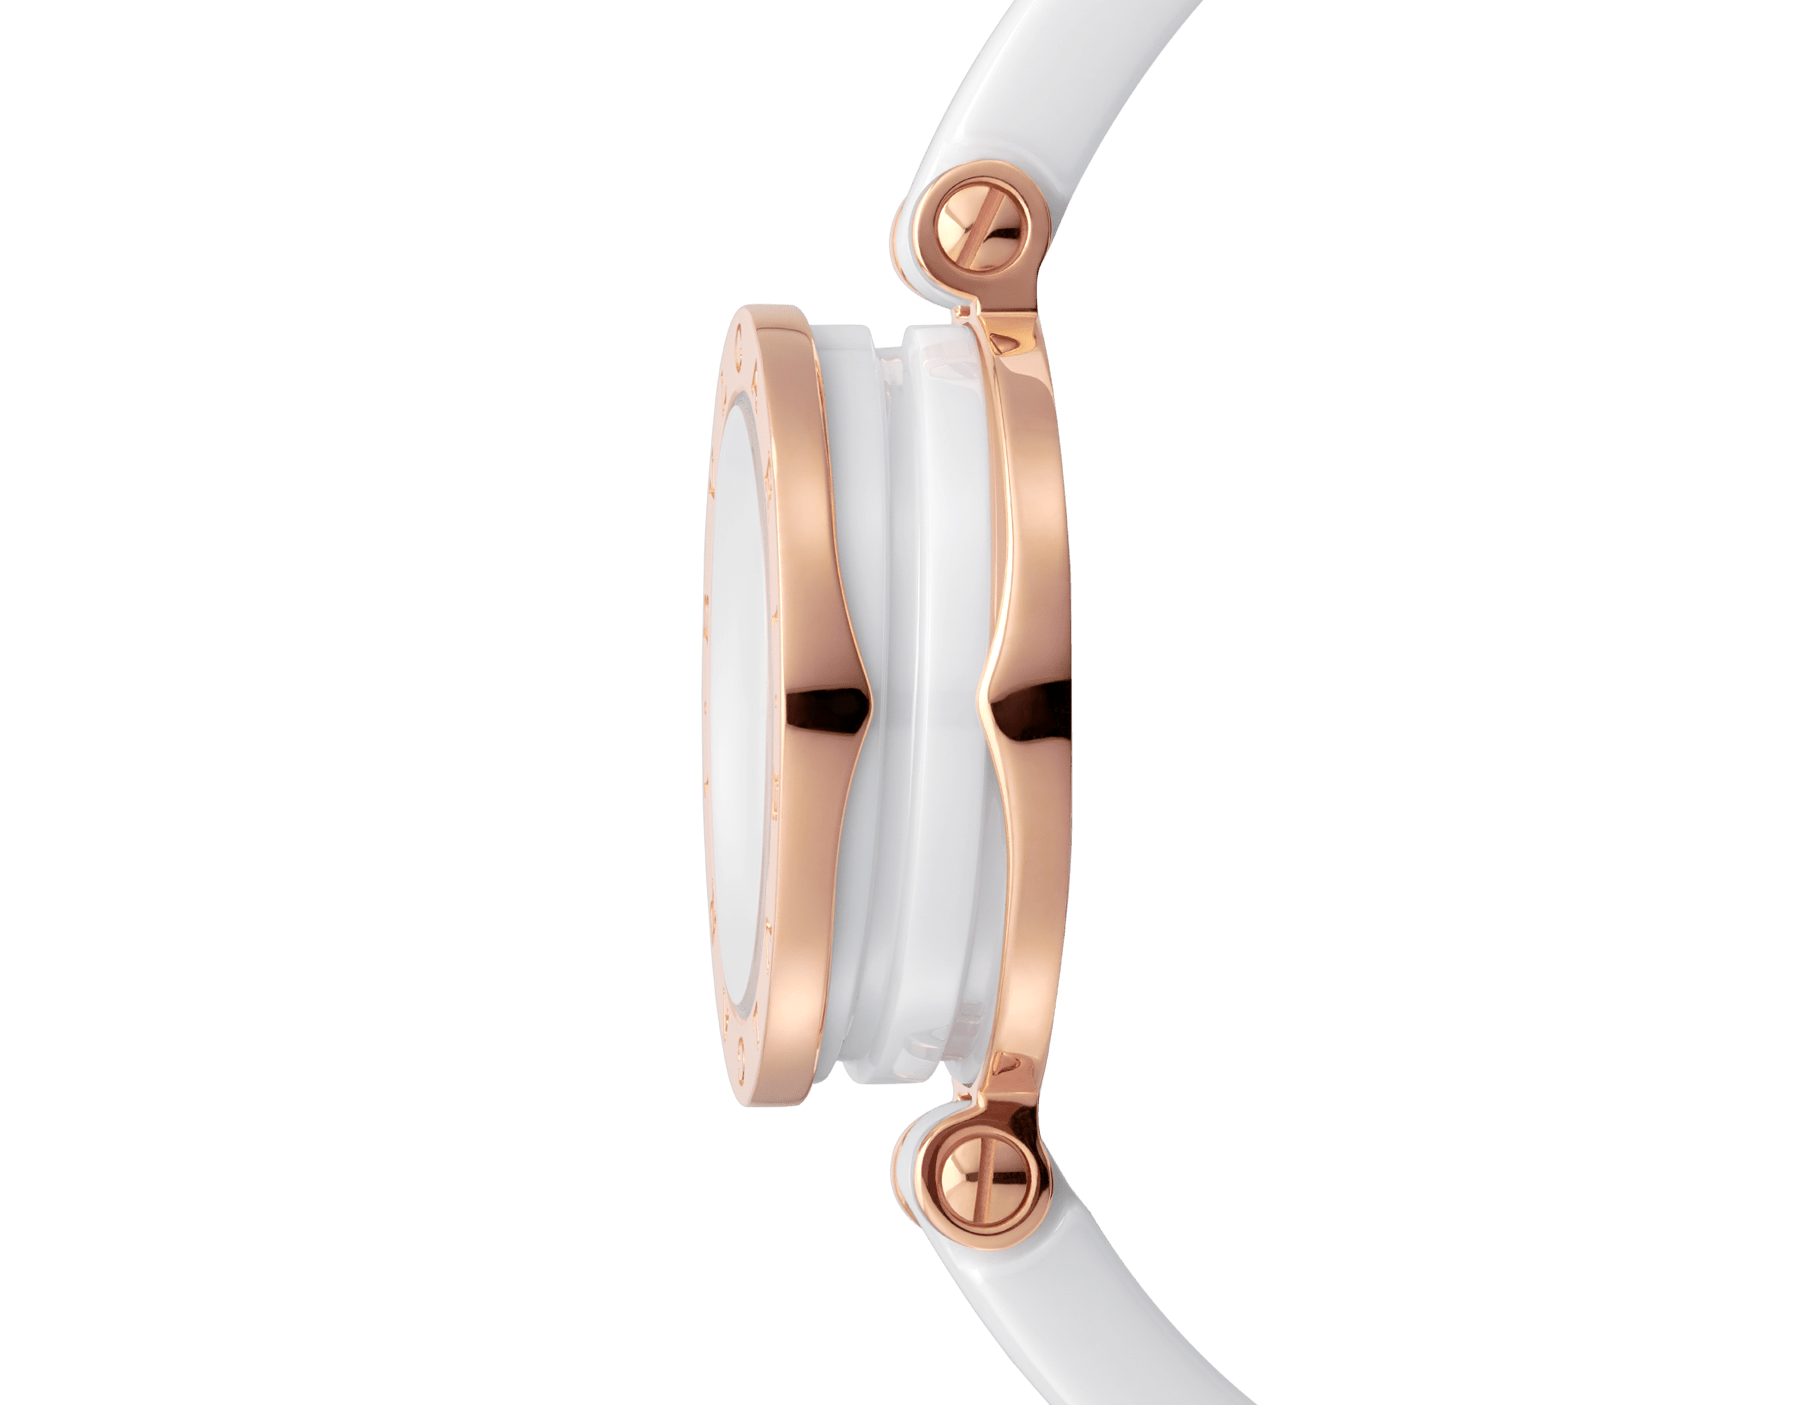 Montre B.zero1 avec boîtier en or rose 18K et acier inoxydable, bracelet jonc et spirale en céramique blanche, cadran laqué blanc et index sertis de diamants. Moyen modèle B01watch-white-white-dial3 image 7